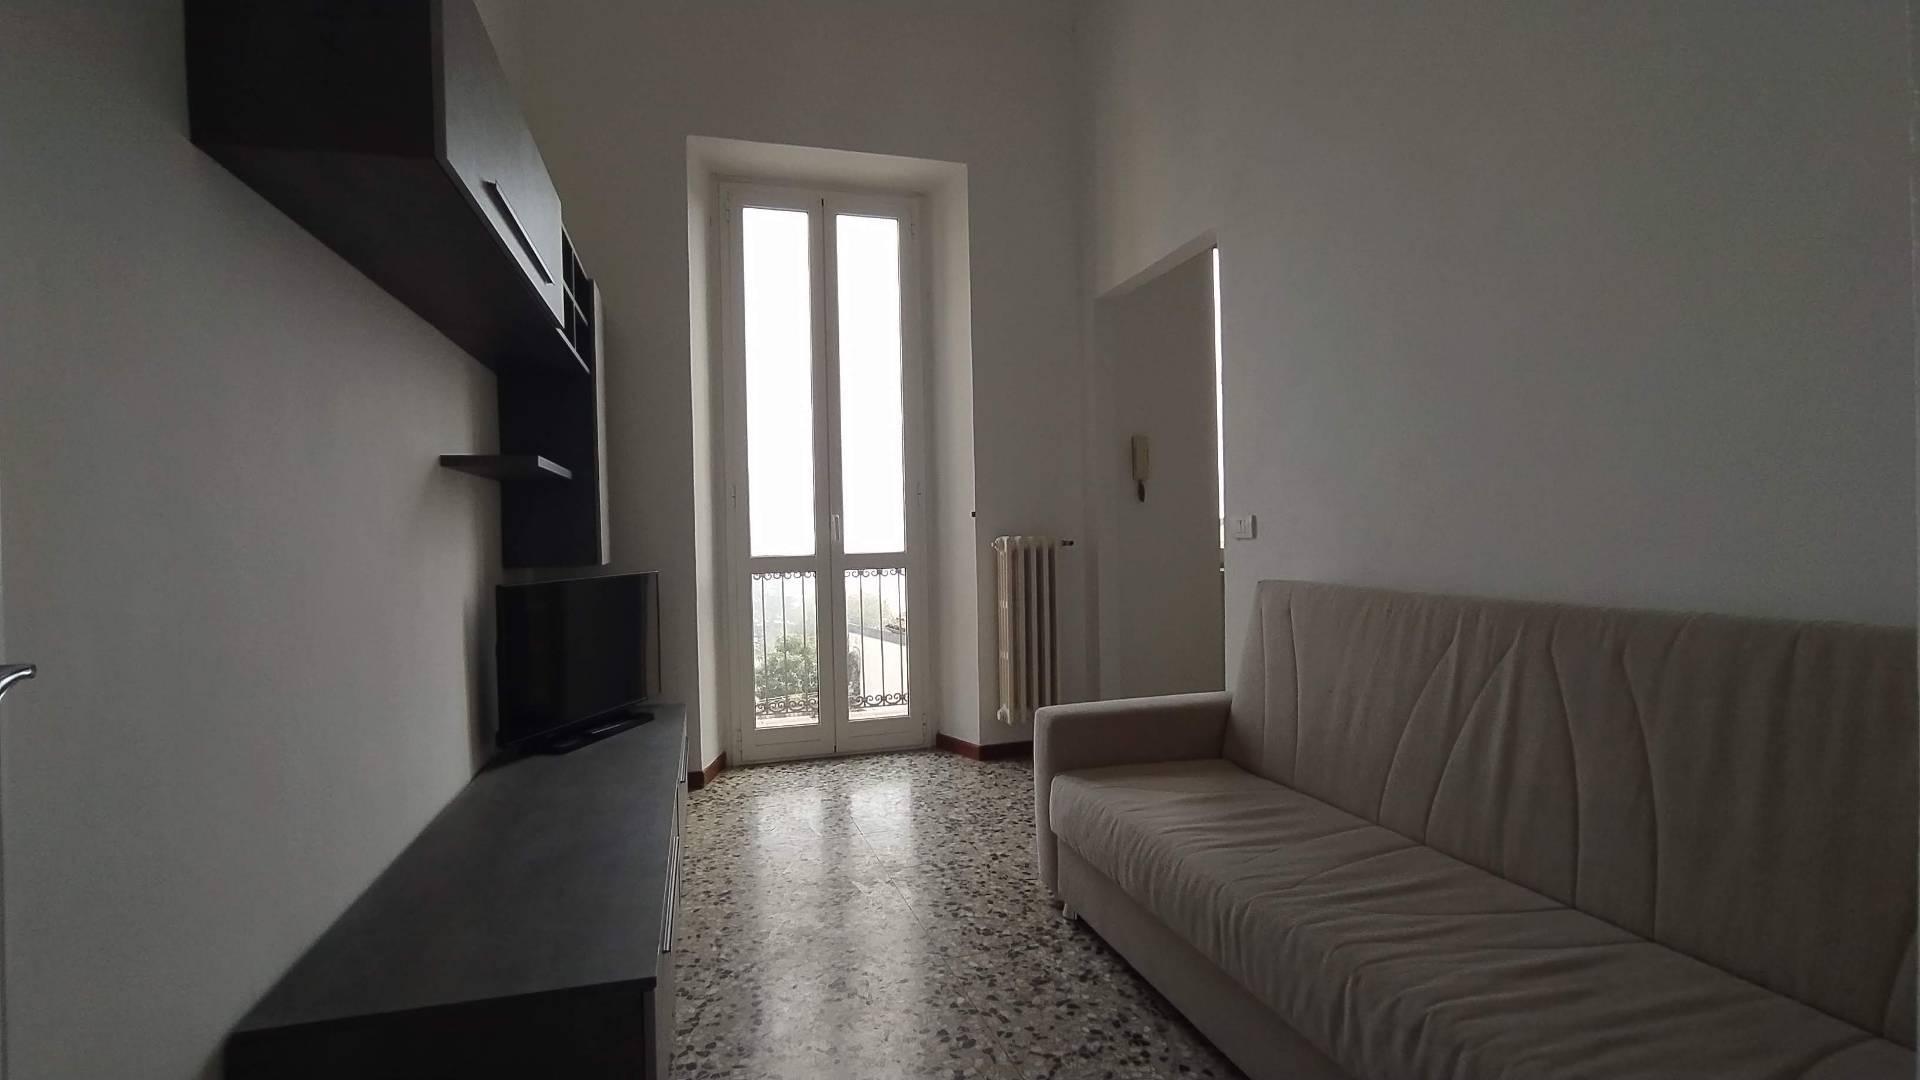 Appartamento in affitto a Ozzano Monferrato, 4 locali, prezzo € 390   PortaleAgenzieImmobiliari.it